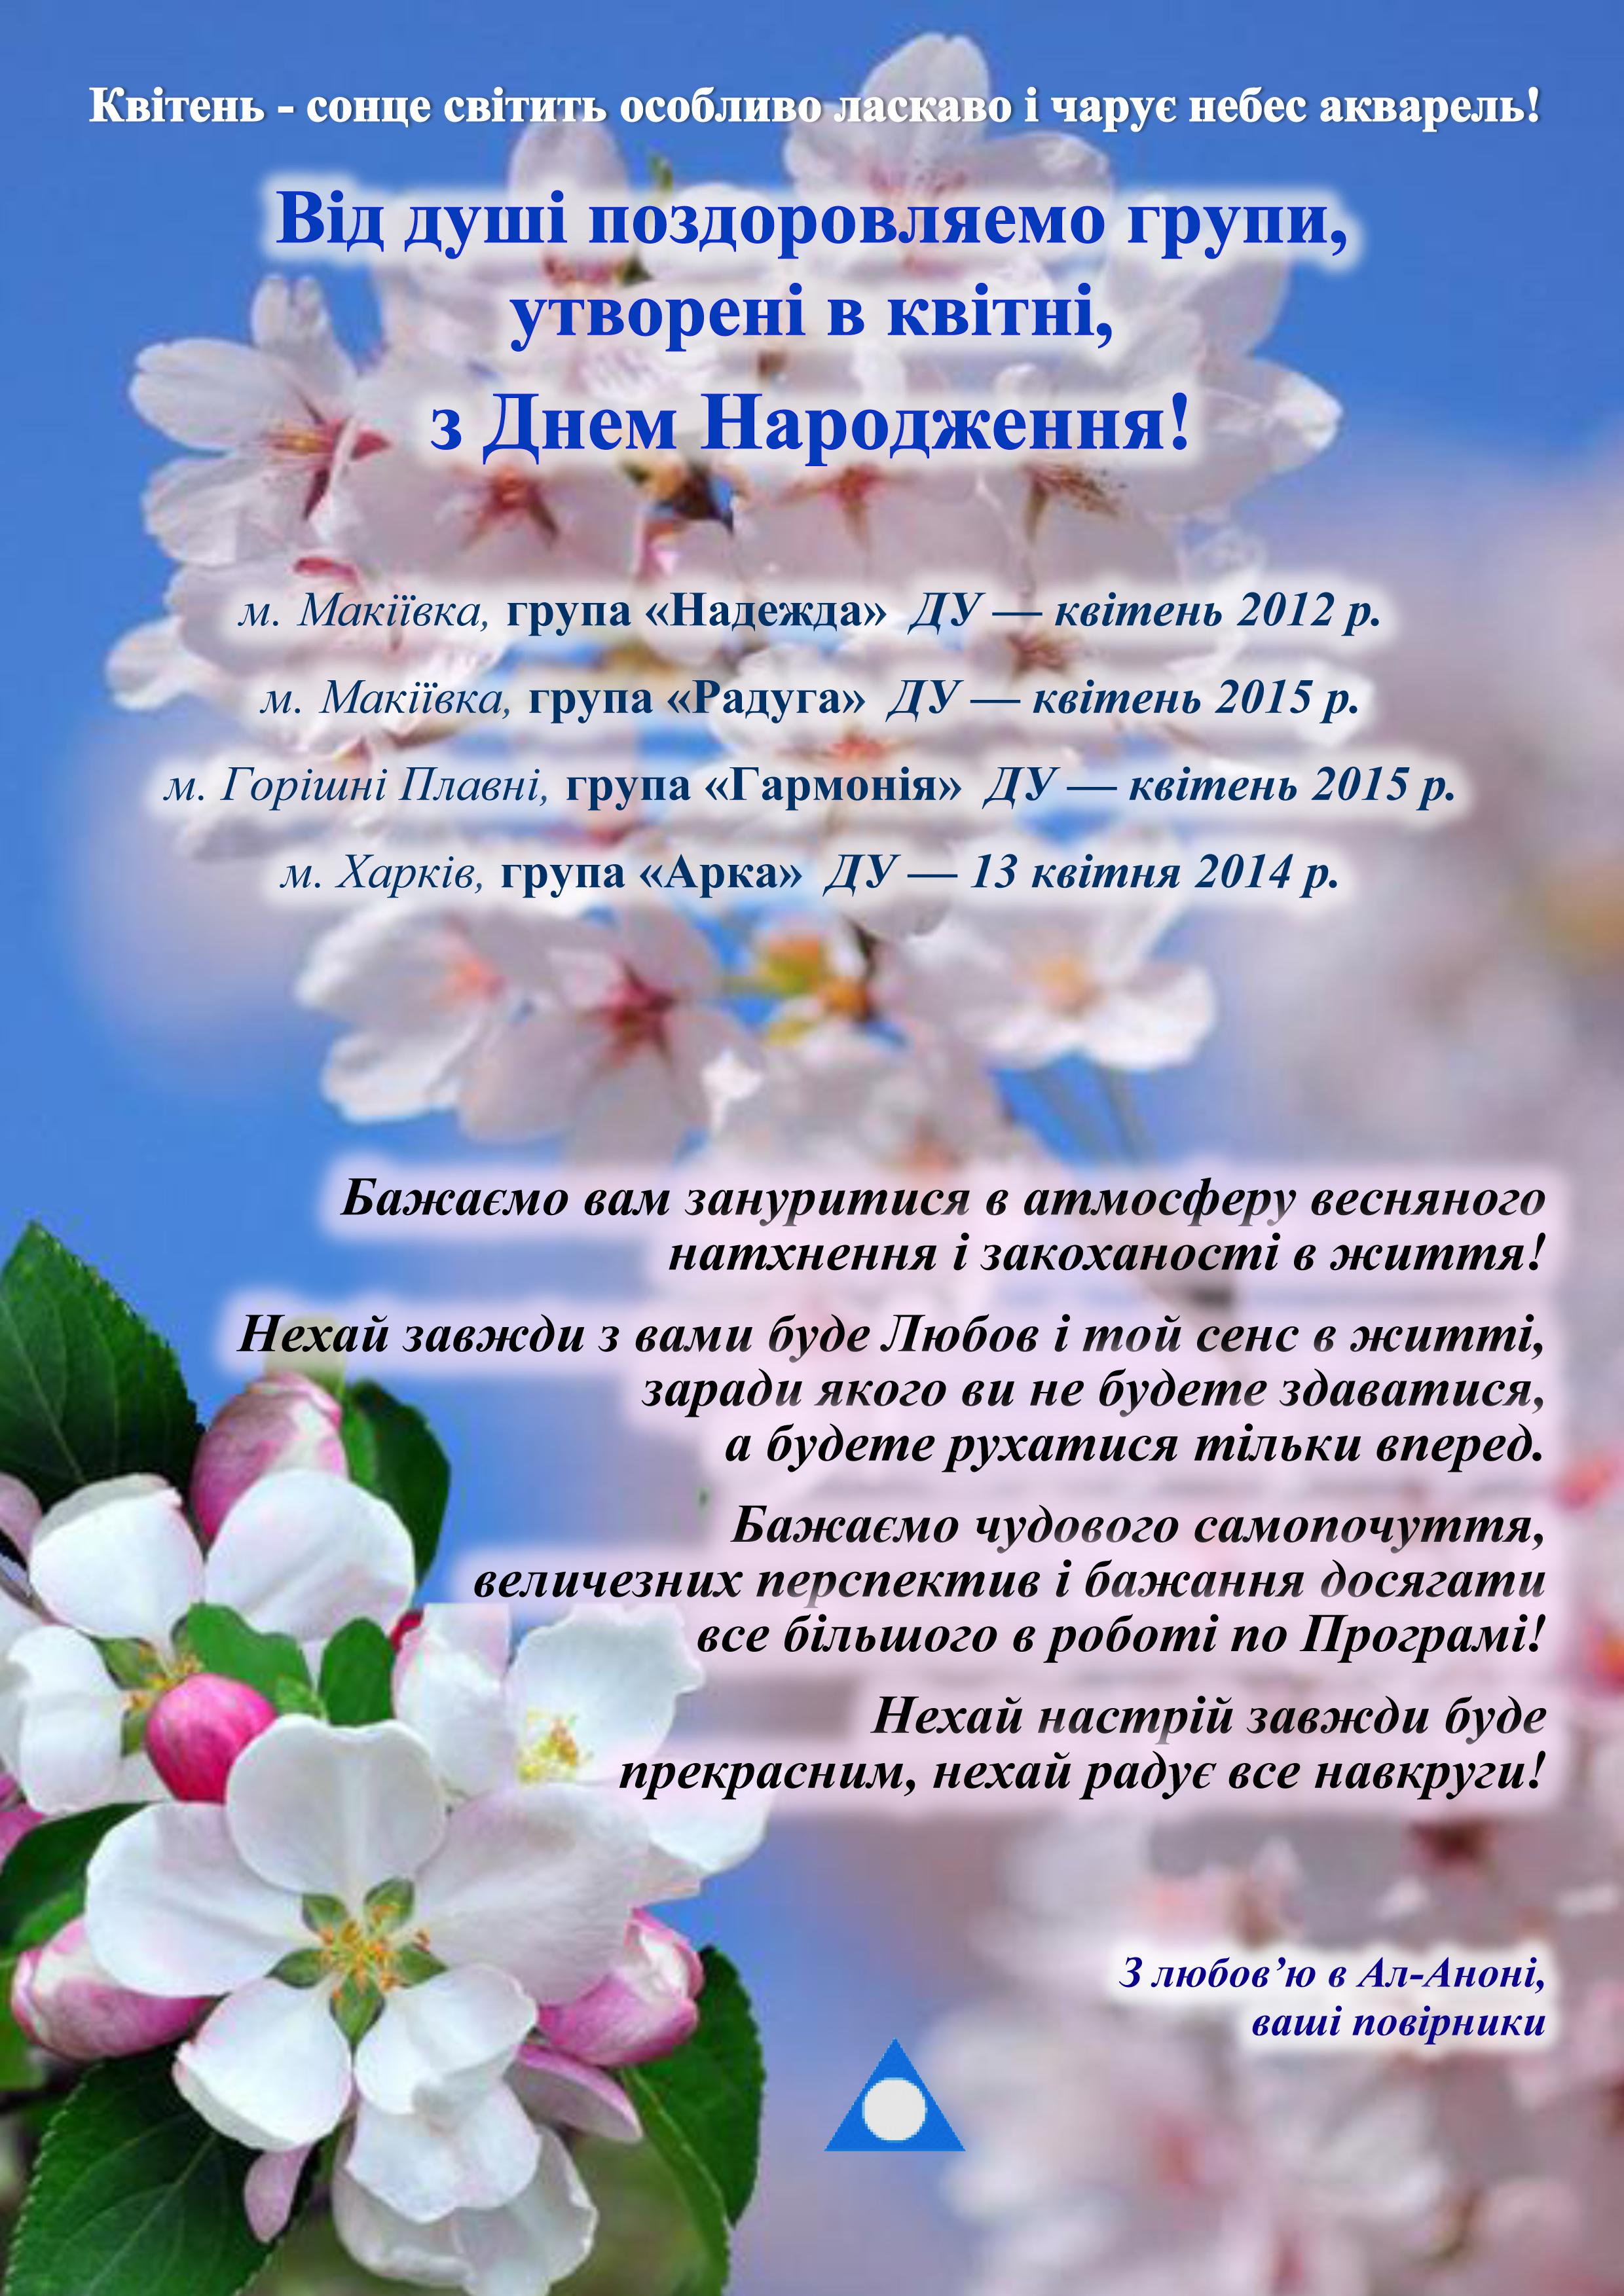 Поздравление_апрель_укр